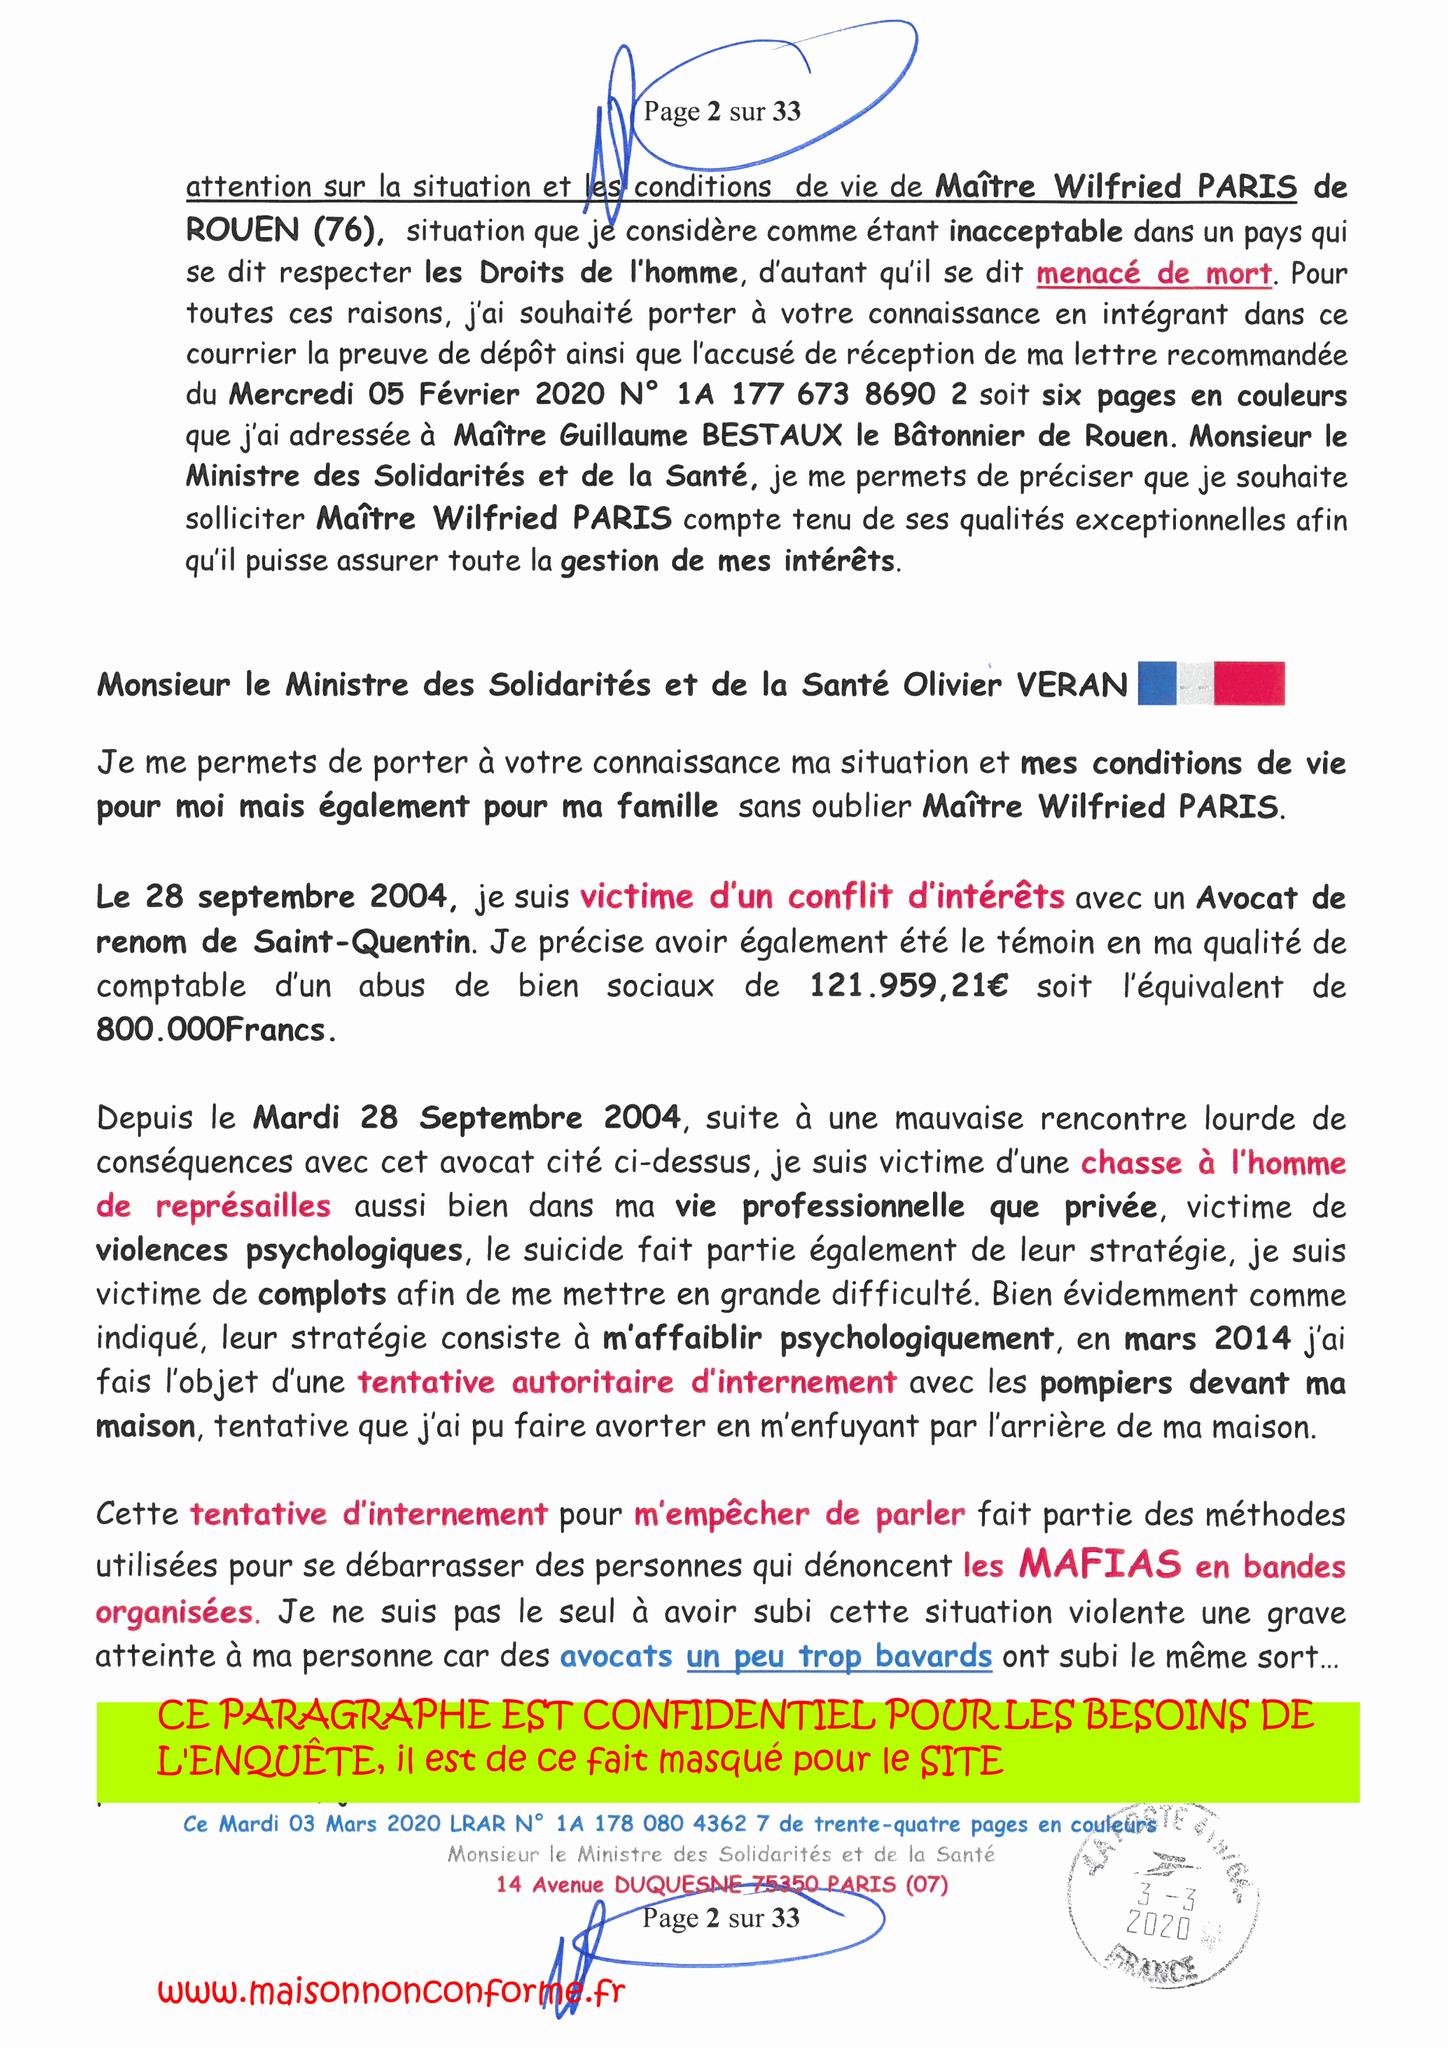 Page 2 sur 33 Ma lettre recommandée N0 1A 178 080 4362 7 du 03 Mars 2020 à Monsieur Olivier VERAN le Ministre de la Santé et des Solidarités www.jesuispatrick.fr